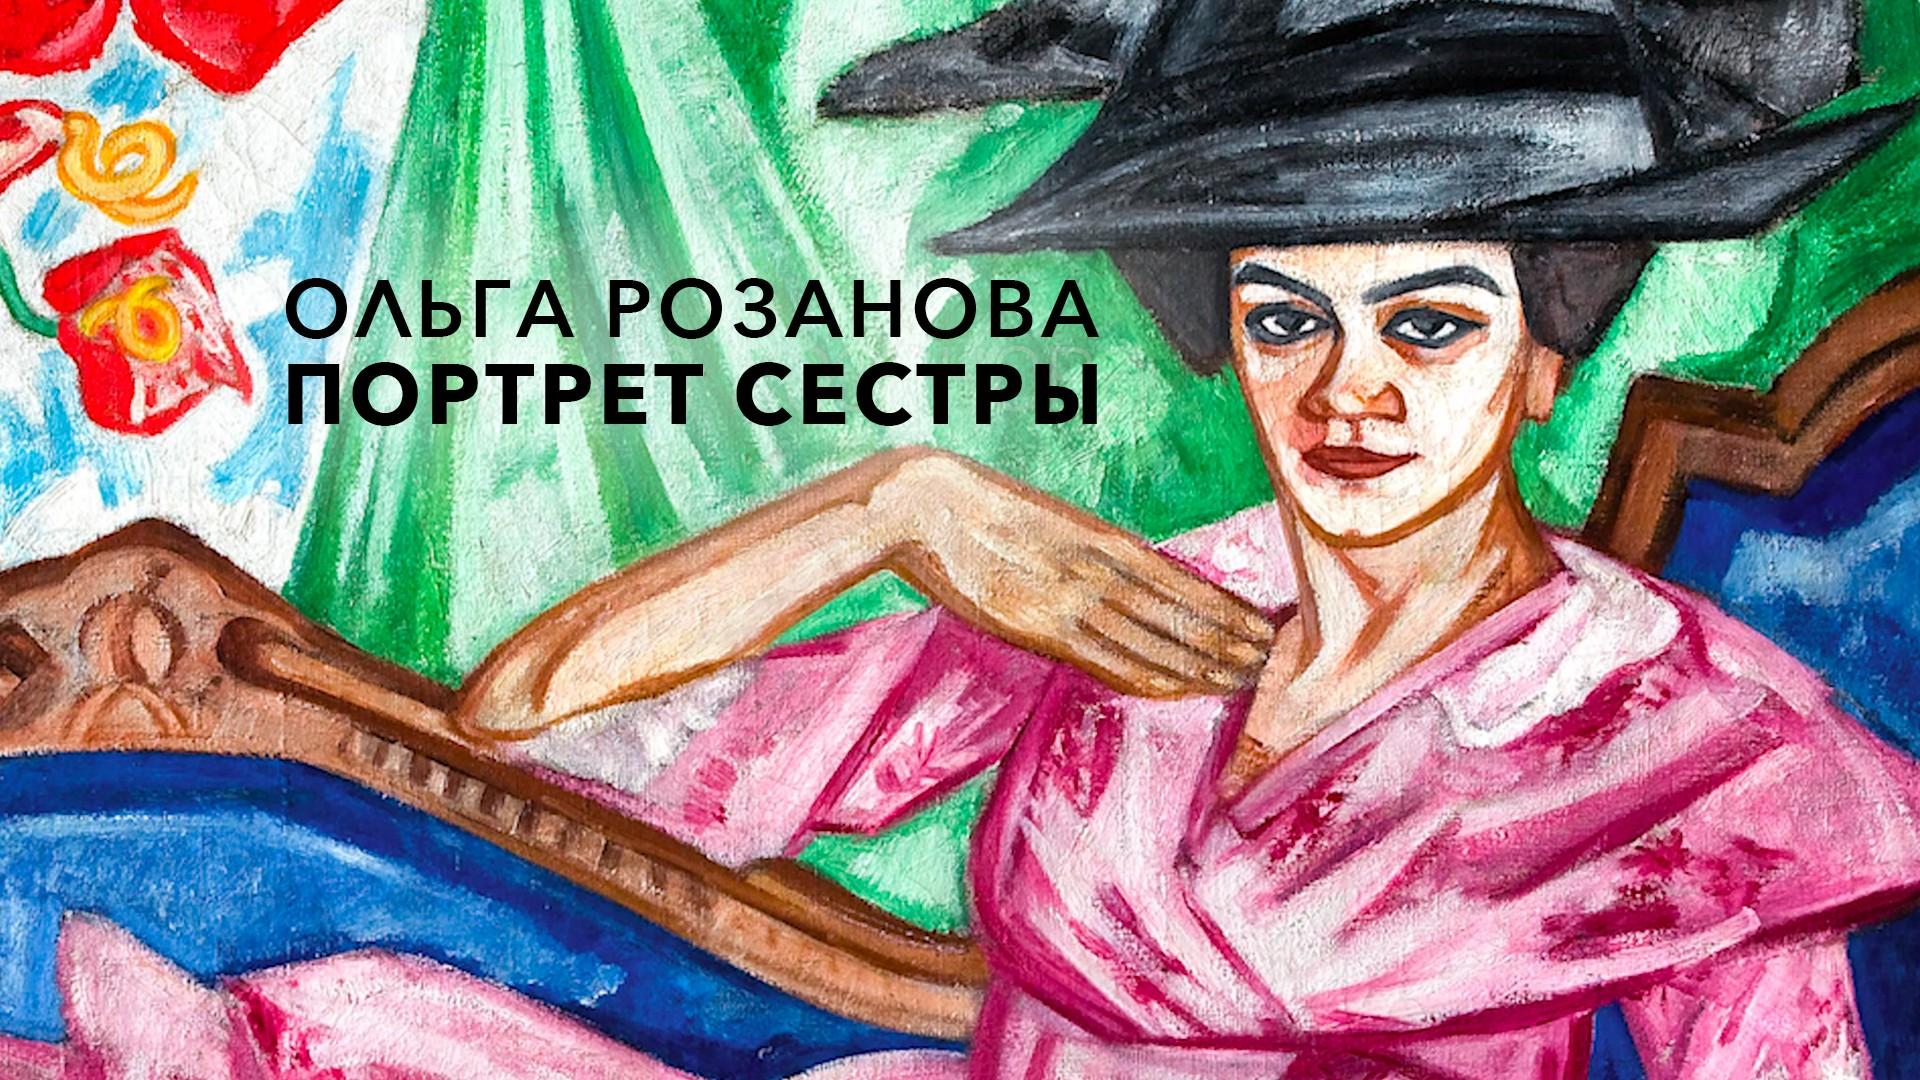 Ольга Розанова. Портрет сестры